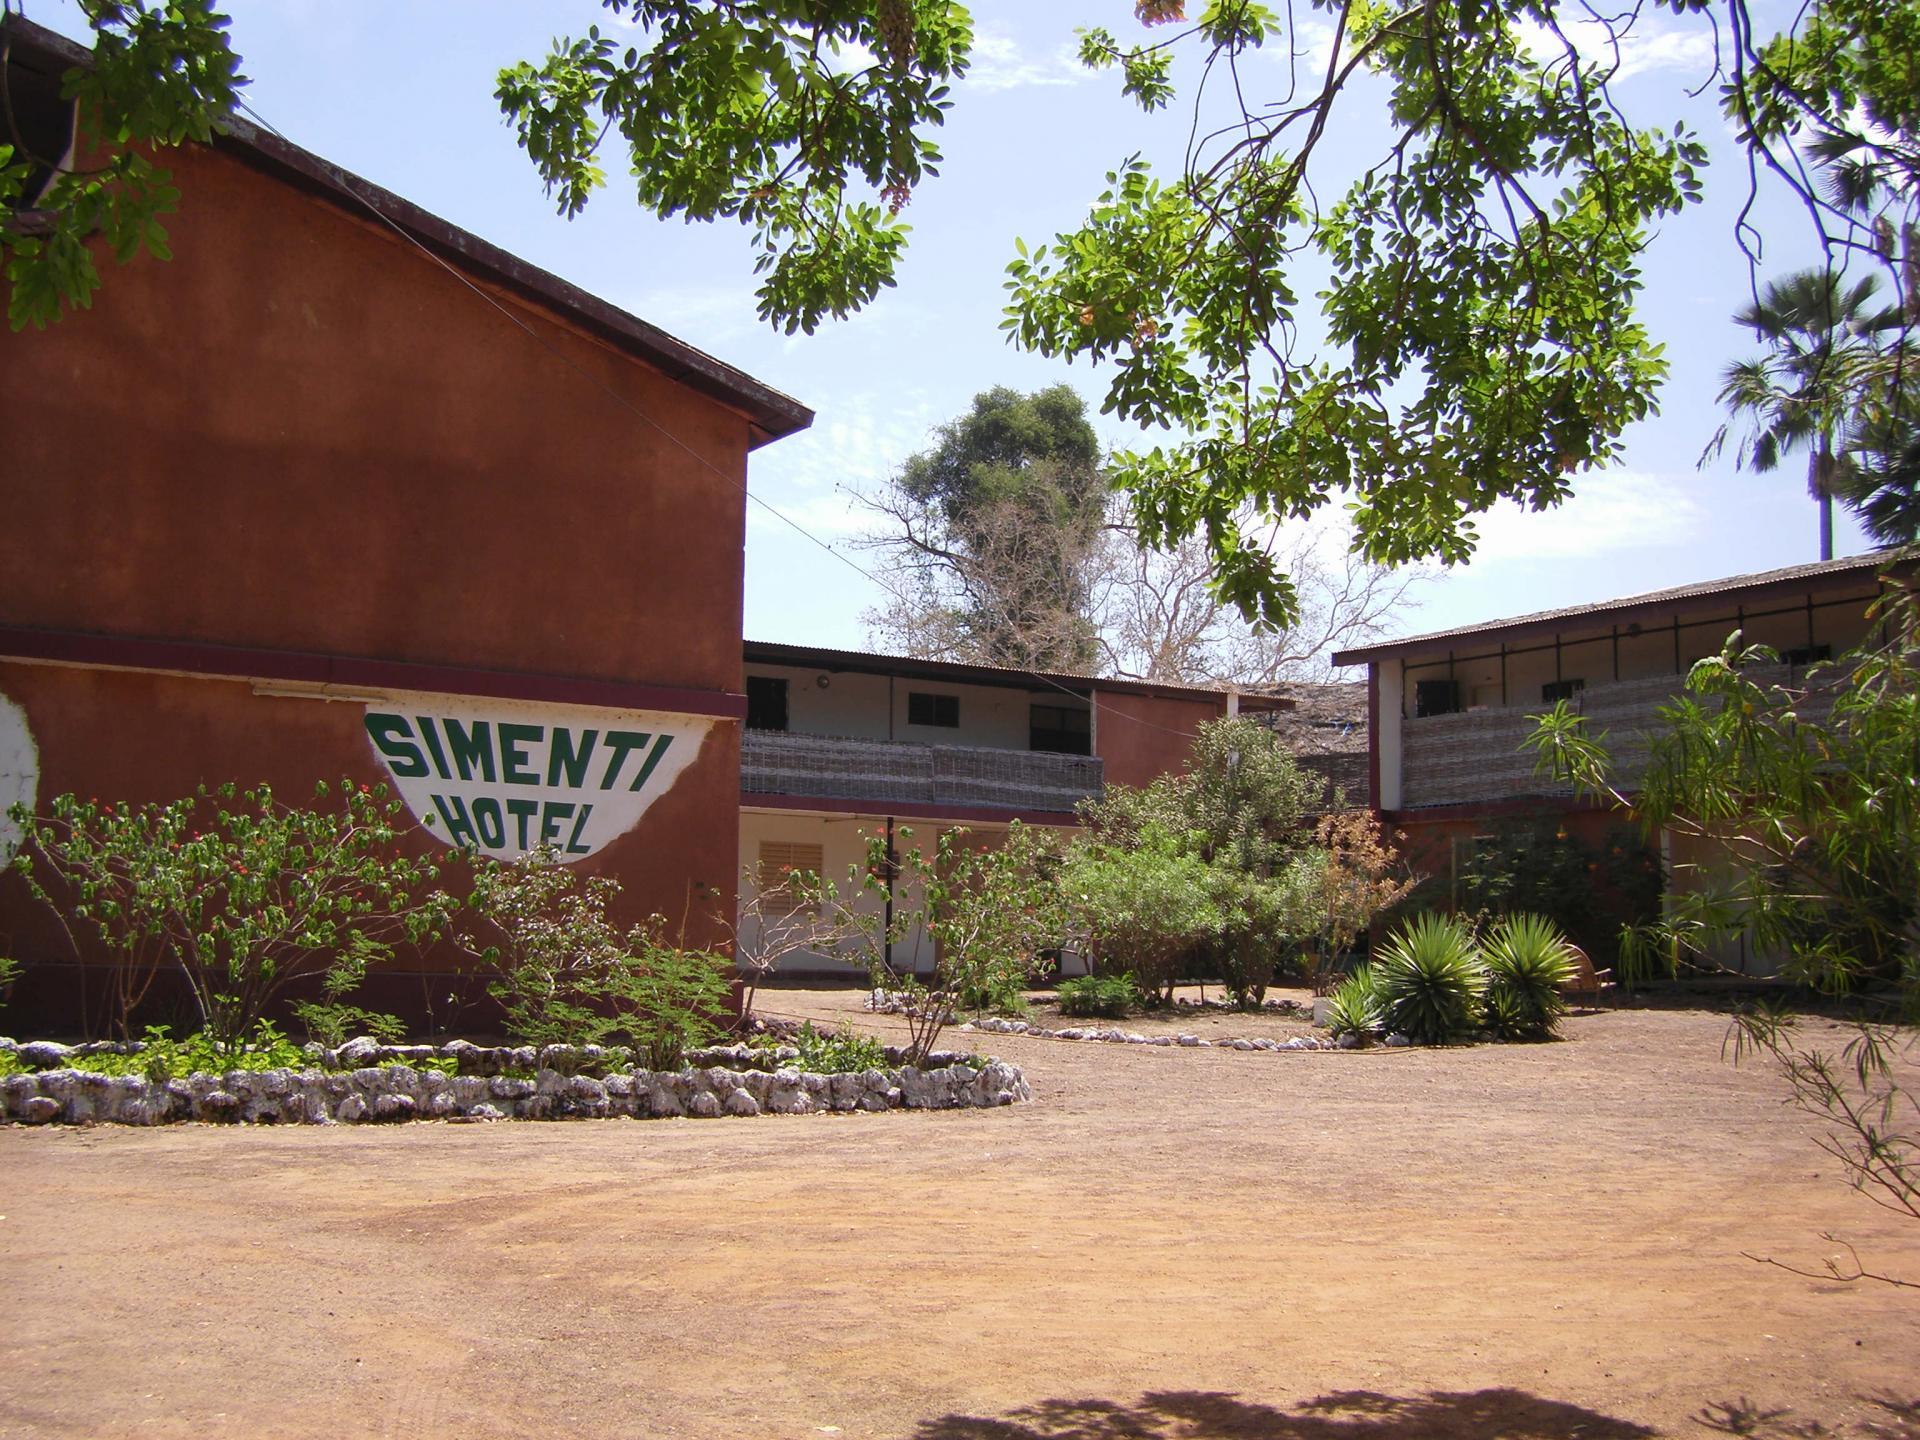 Hotel simenti1 1